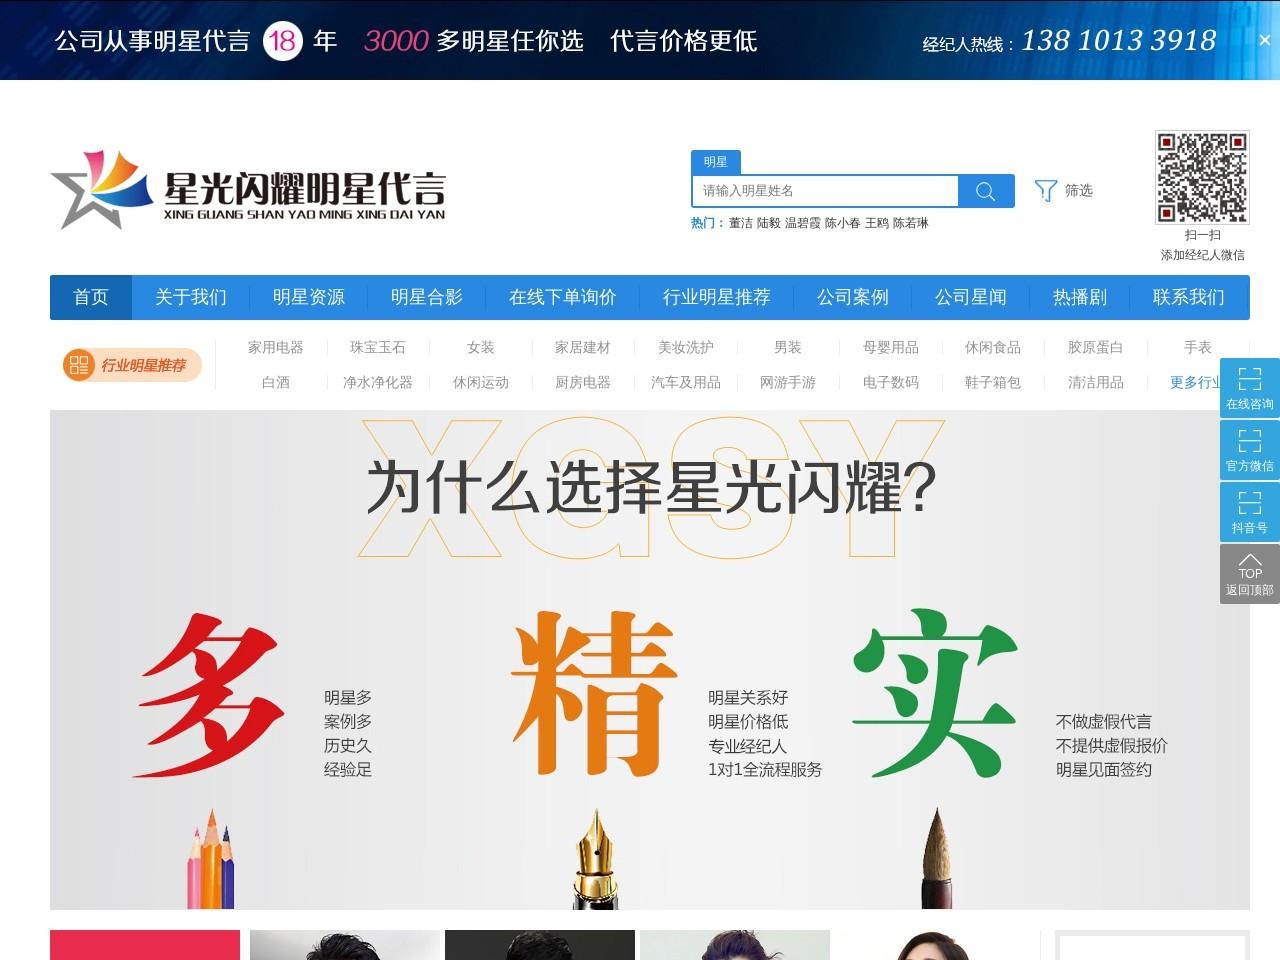 明星经纪_北京明星经纪公司_星光闪耀明星经纪网